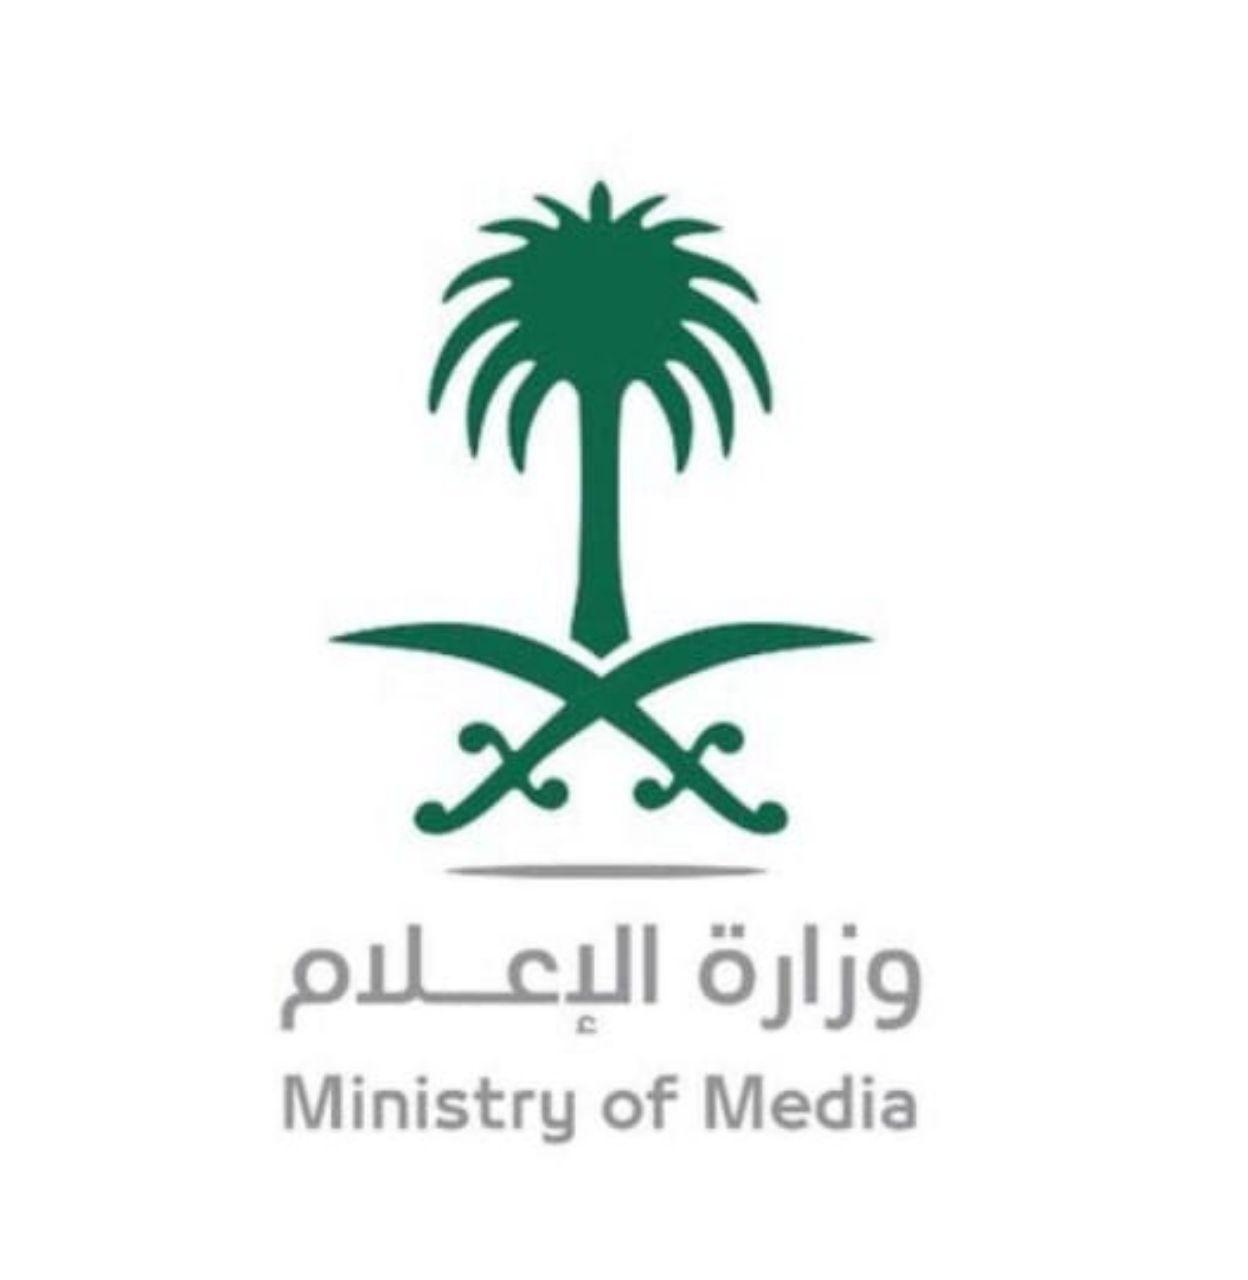 """للحد من ظاهرة المغالاة بالديات """"وزارة الإعلام"""" تحذر من هذه الإجراءات  .. التفاصيل"""